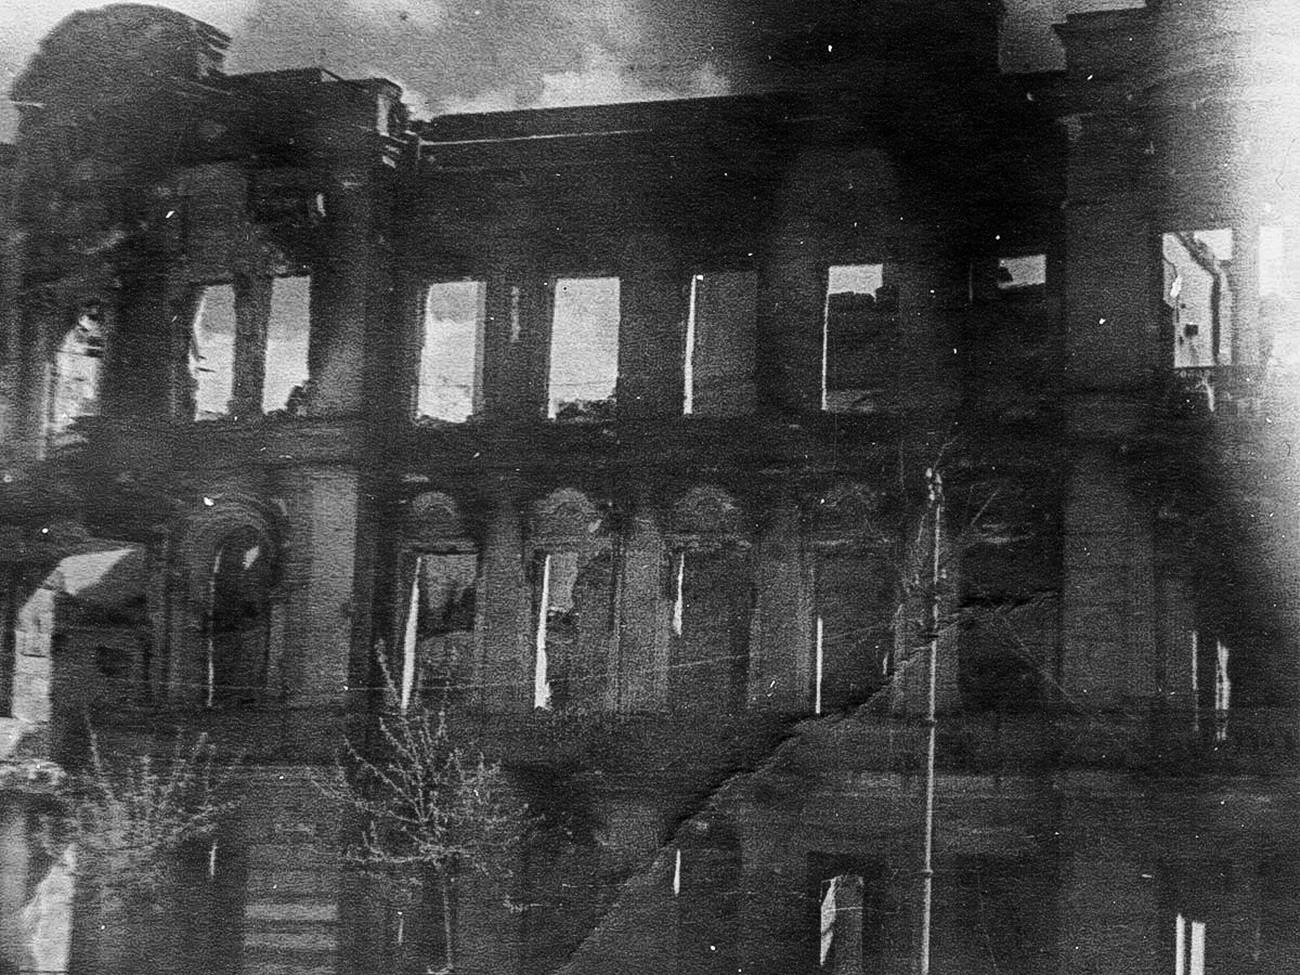 Edificio residencial en la calle Lenin.